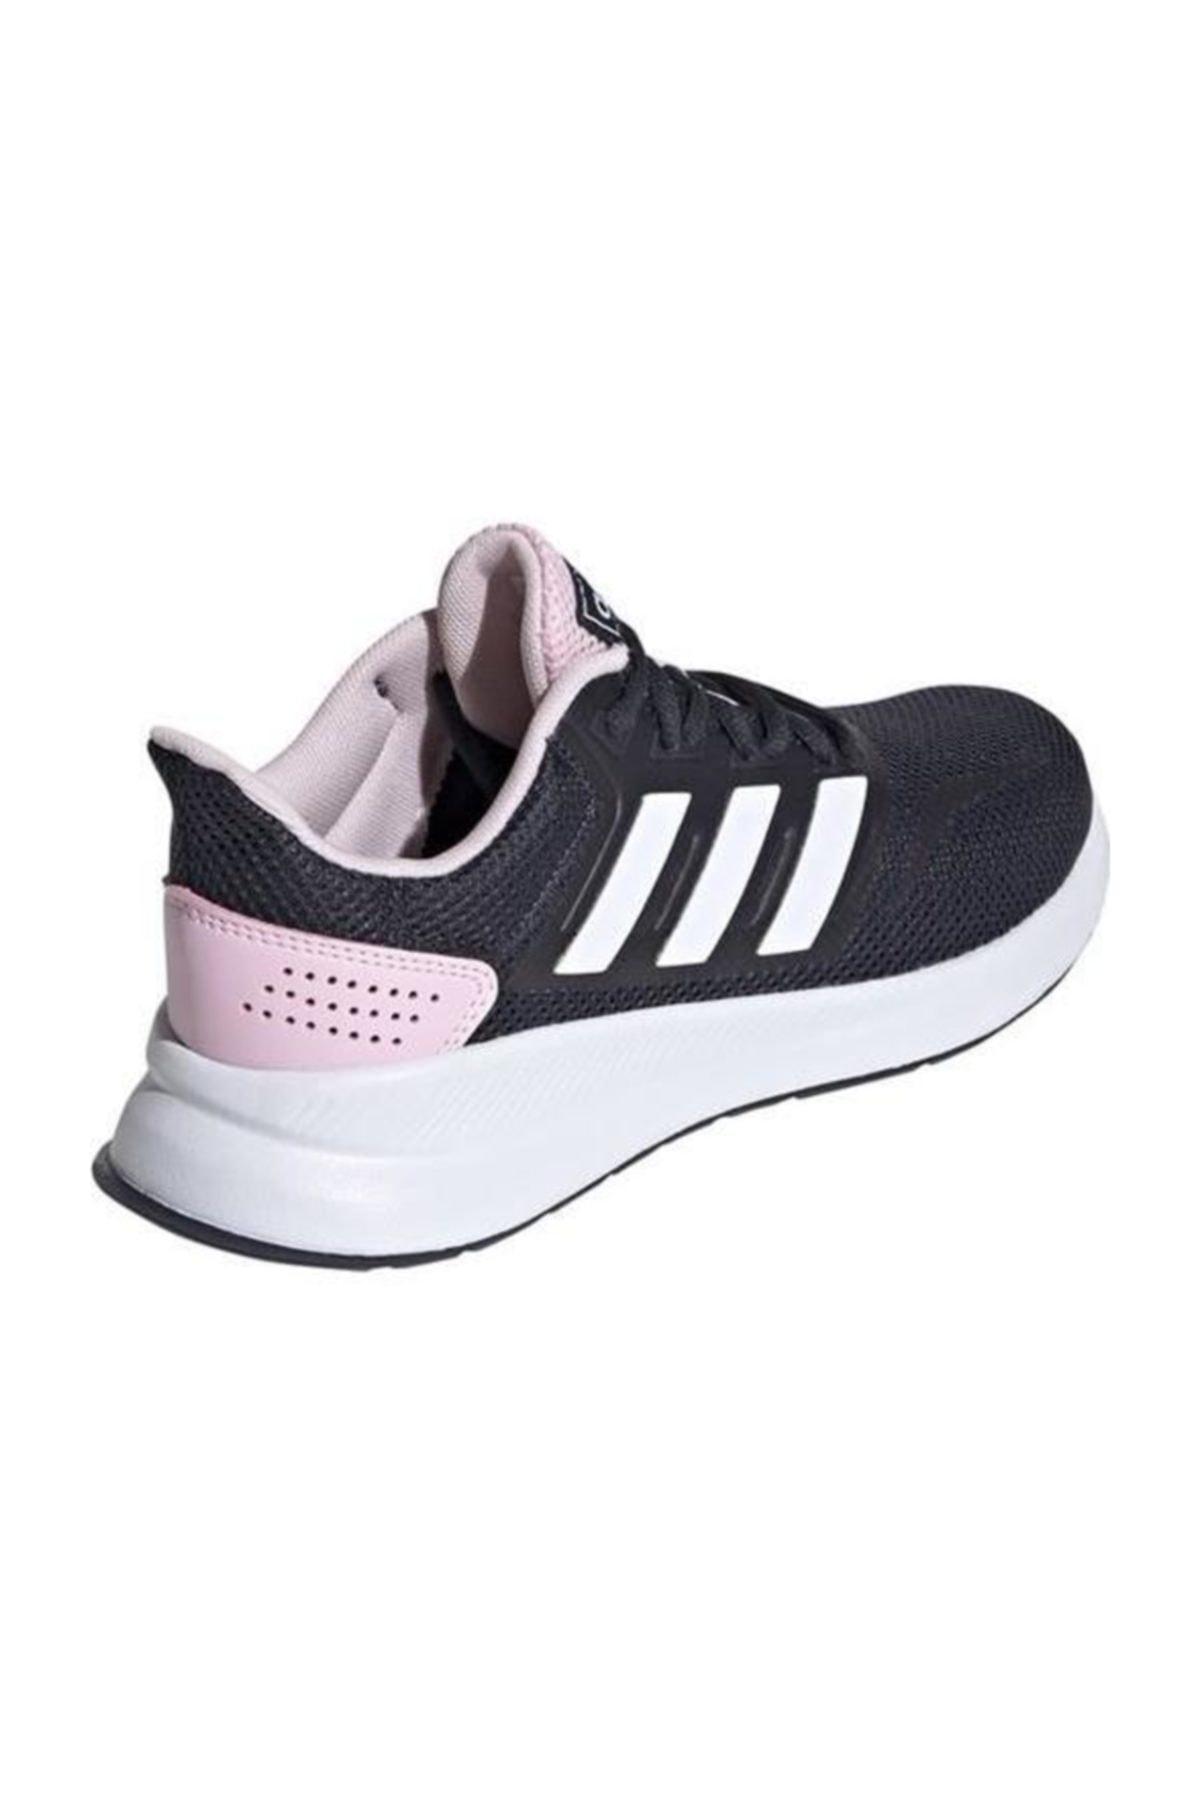 adidas RUNFALCON Kadın Koşu Ayakkabısı 2